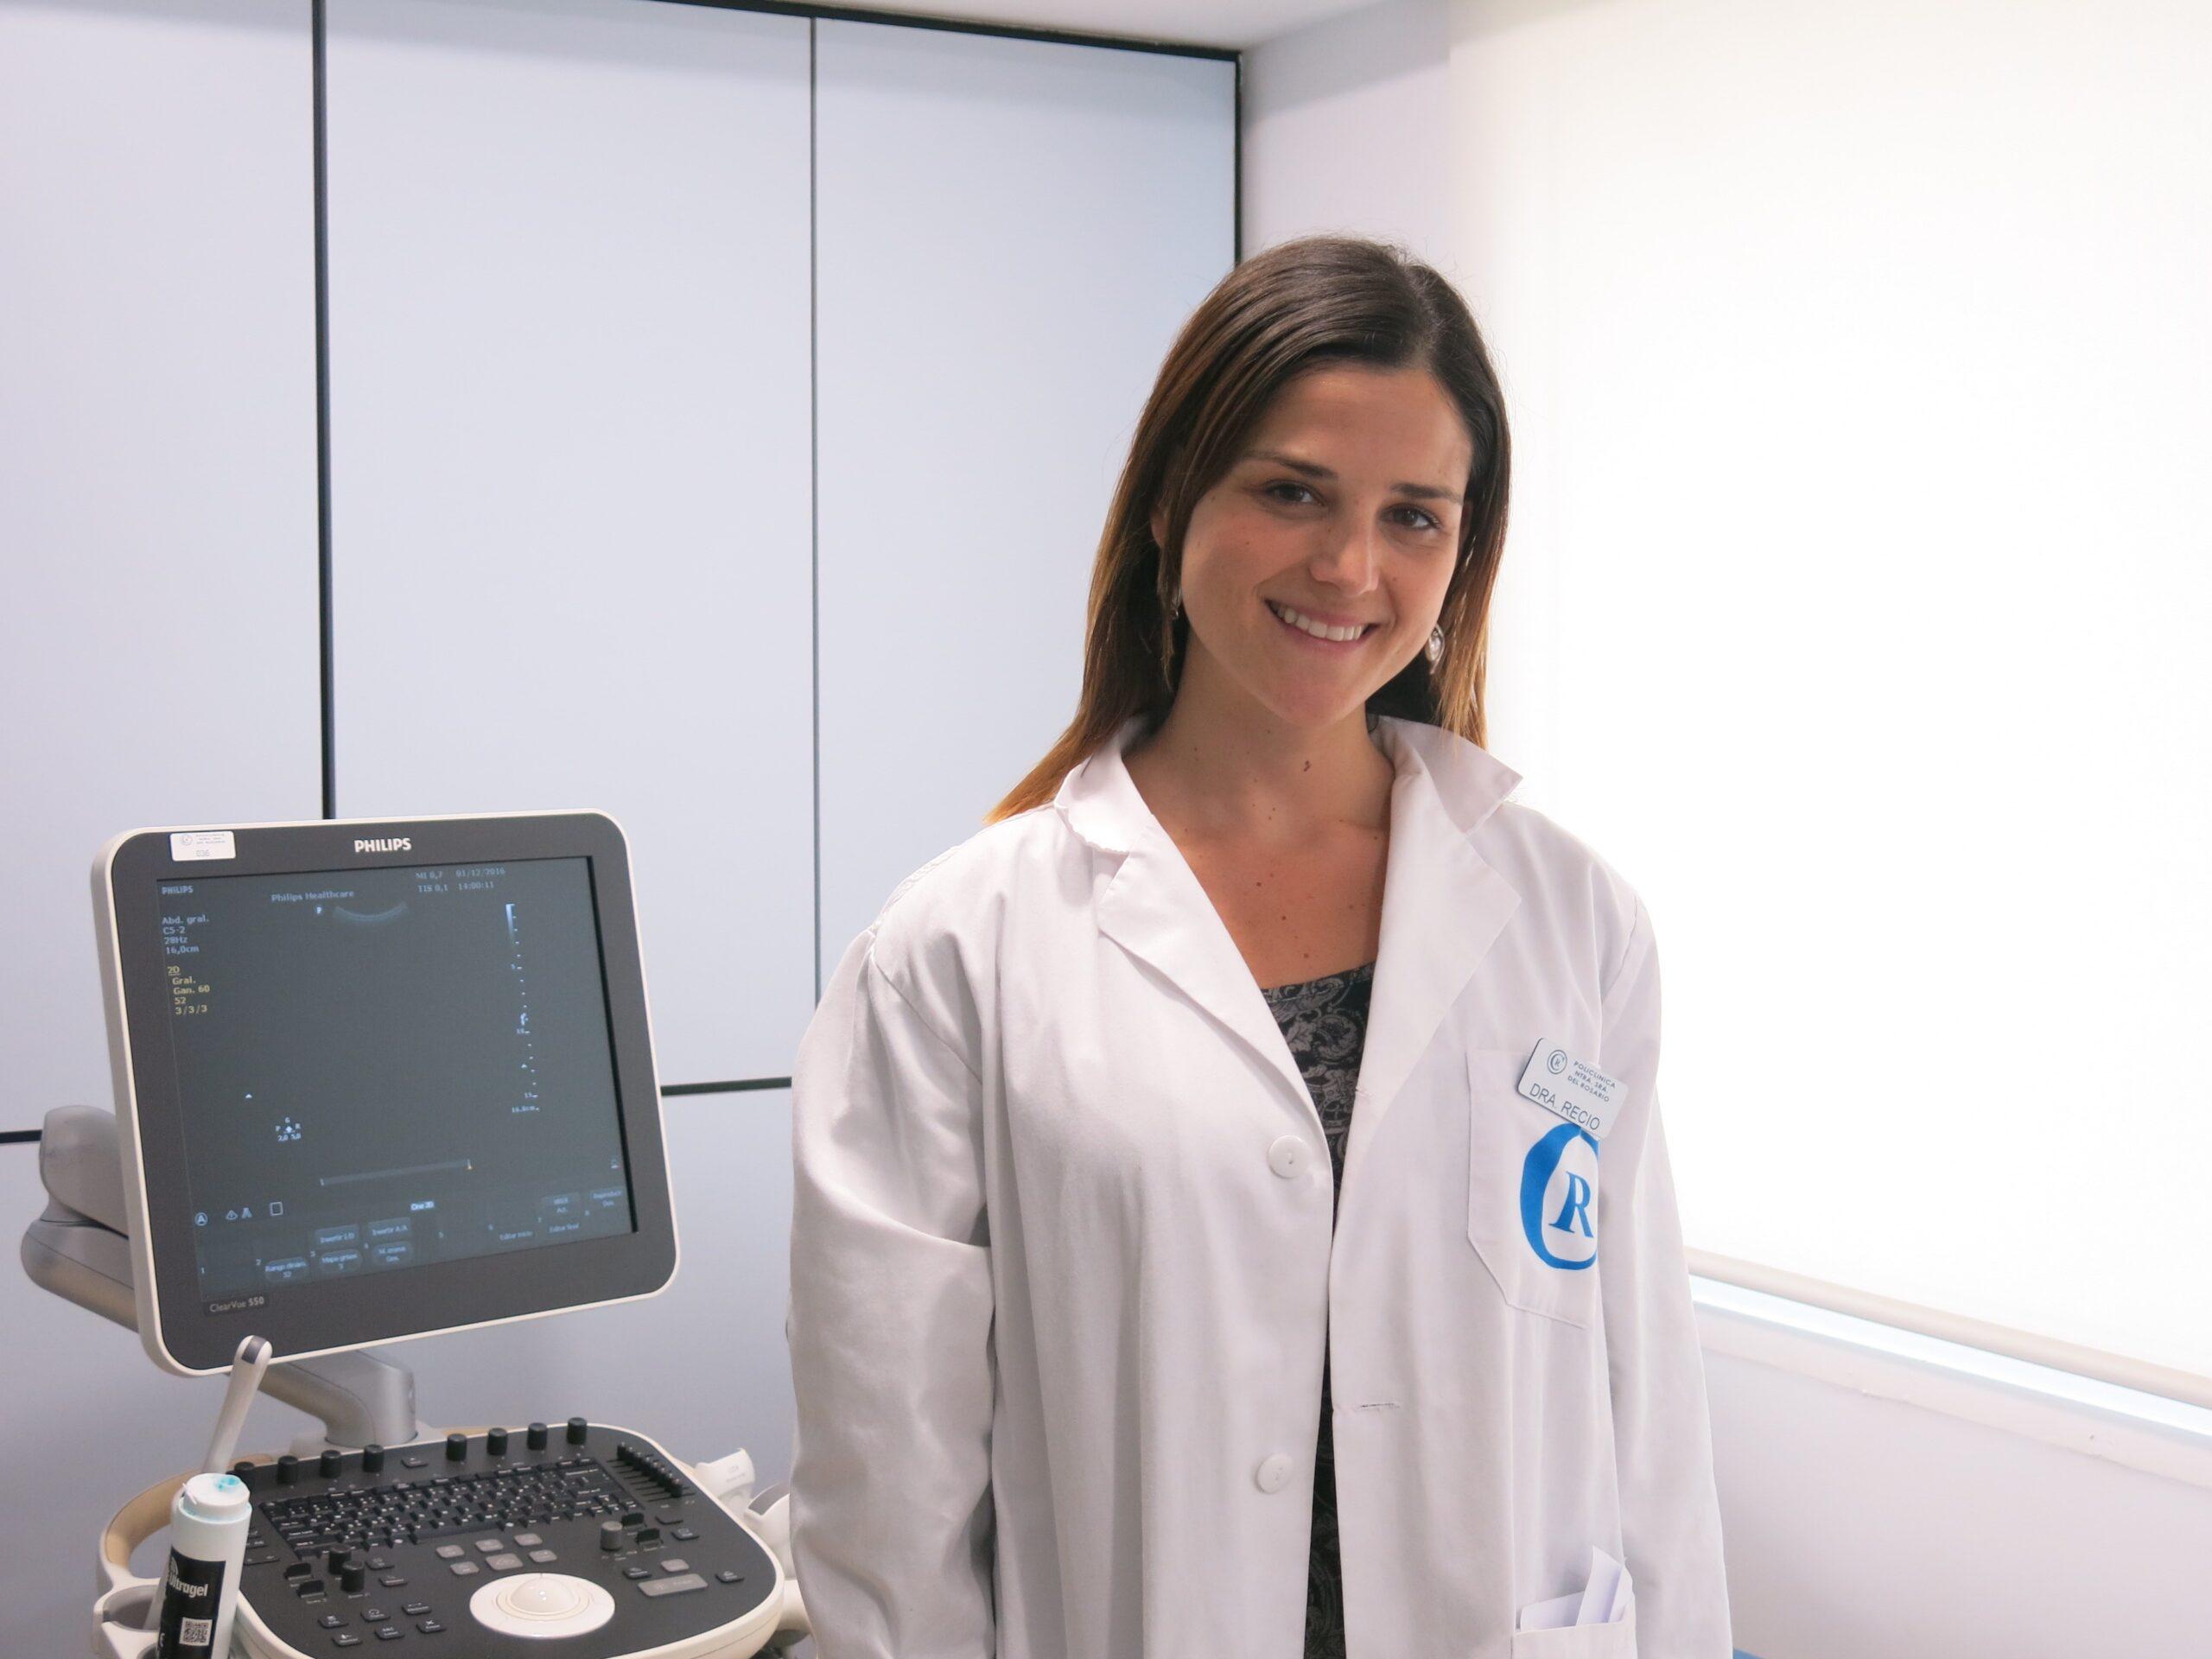 ¿Qué es la citología? Por la doctora Marta Recio 1